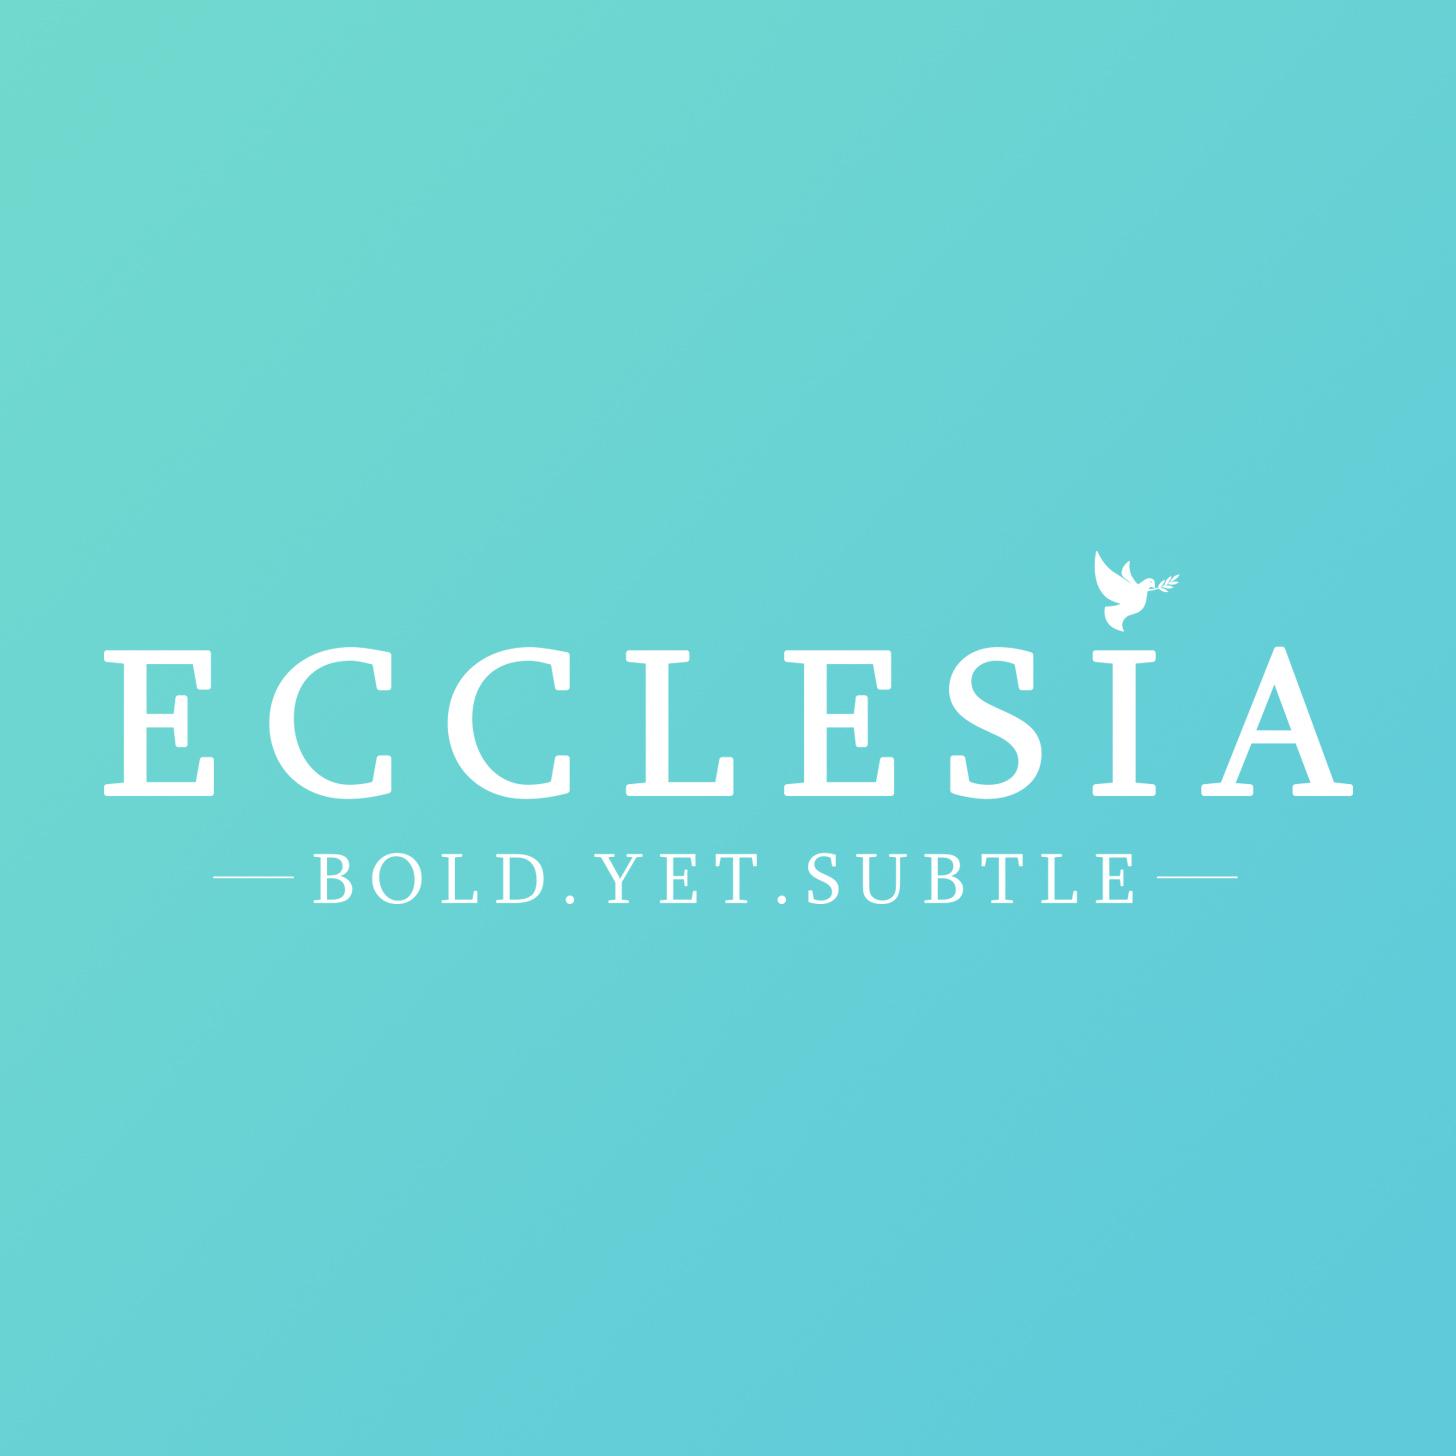 Ecclesia image